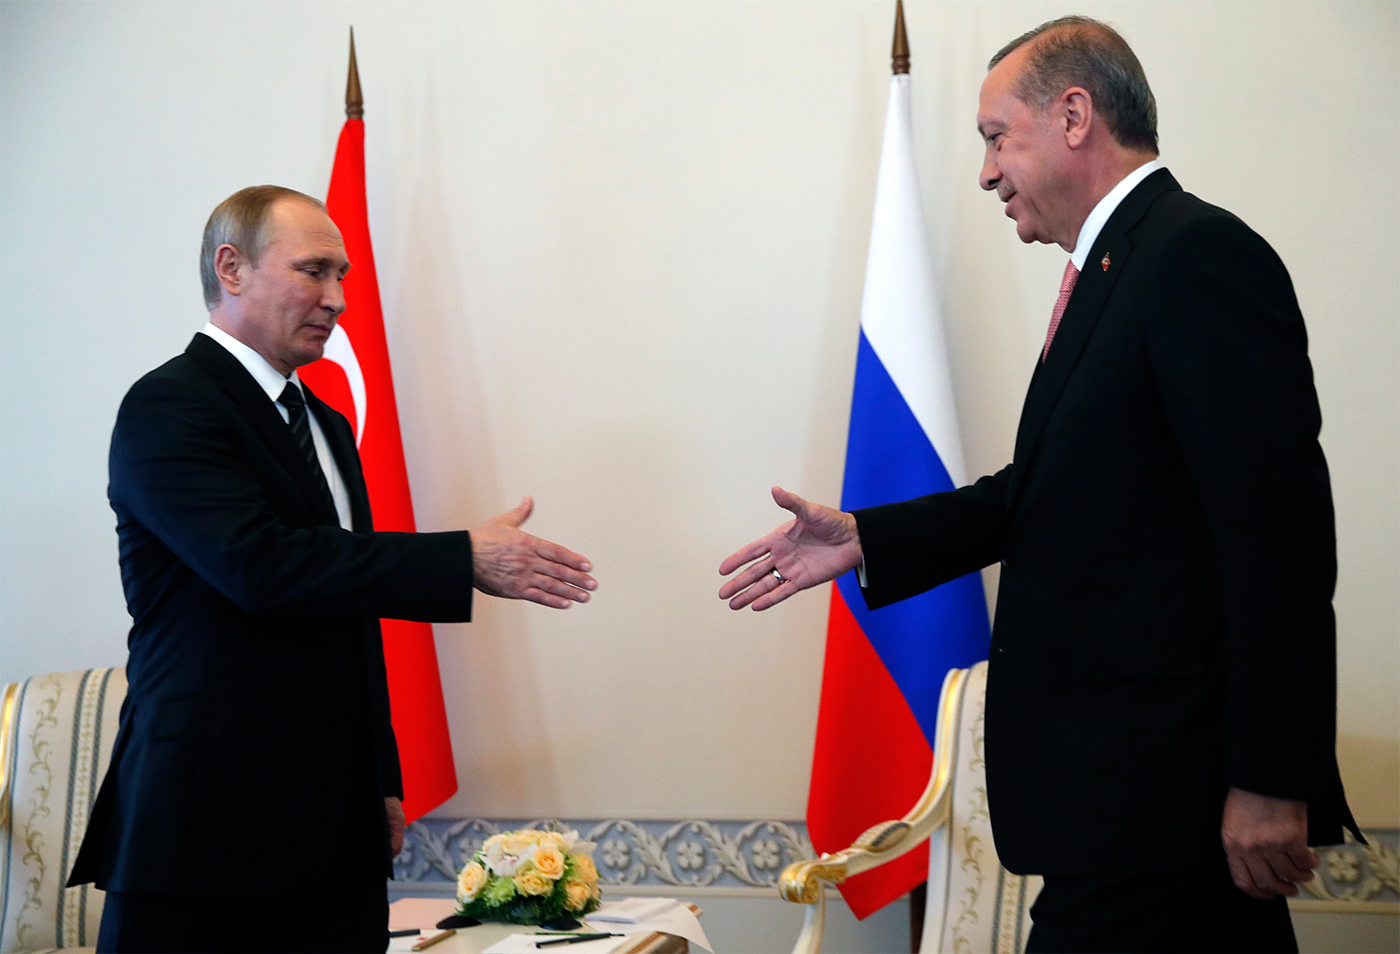 Эрдоган хочет показать, что уТурции есть альтернатива Евросоюзу,— немецкие СМИ